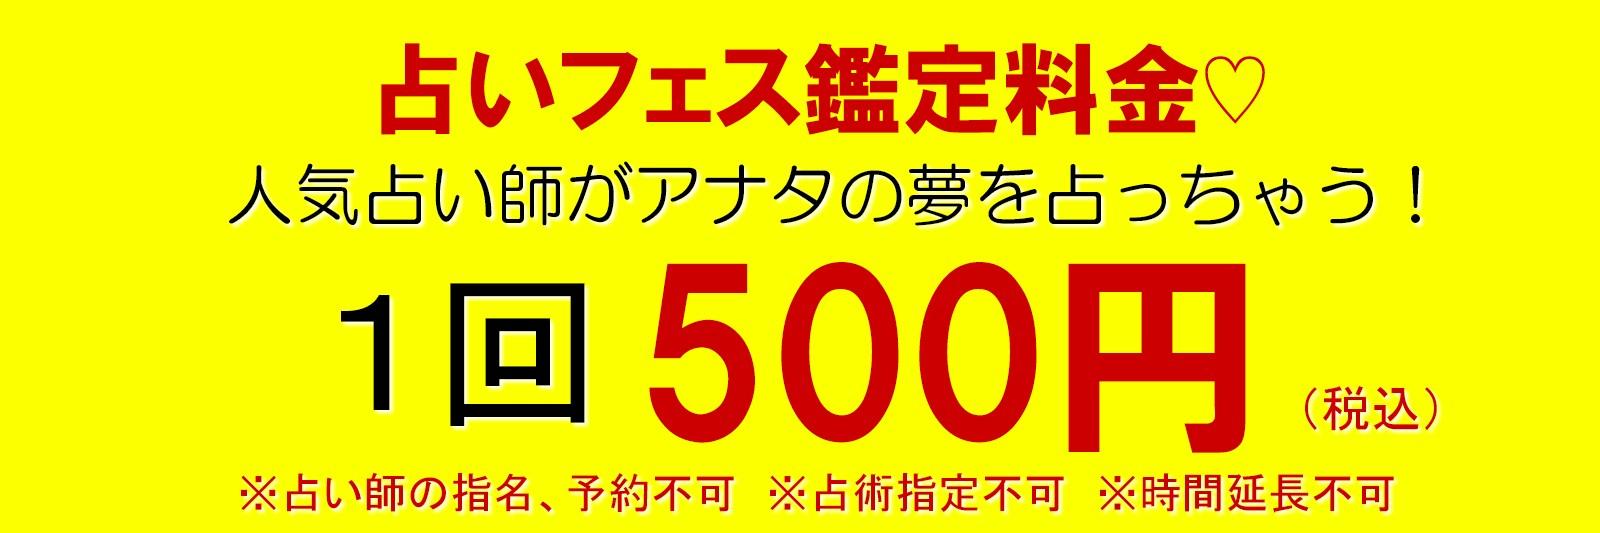 東京・六本木占いなら『占いフェス2018NEWYEAR』がオススメ!六本木ヒルズで開催される人気イベントでは有名占い師・予約が取れない占い師の鑑定が1回500円と安心価格にて受けることが出来ます。